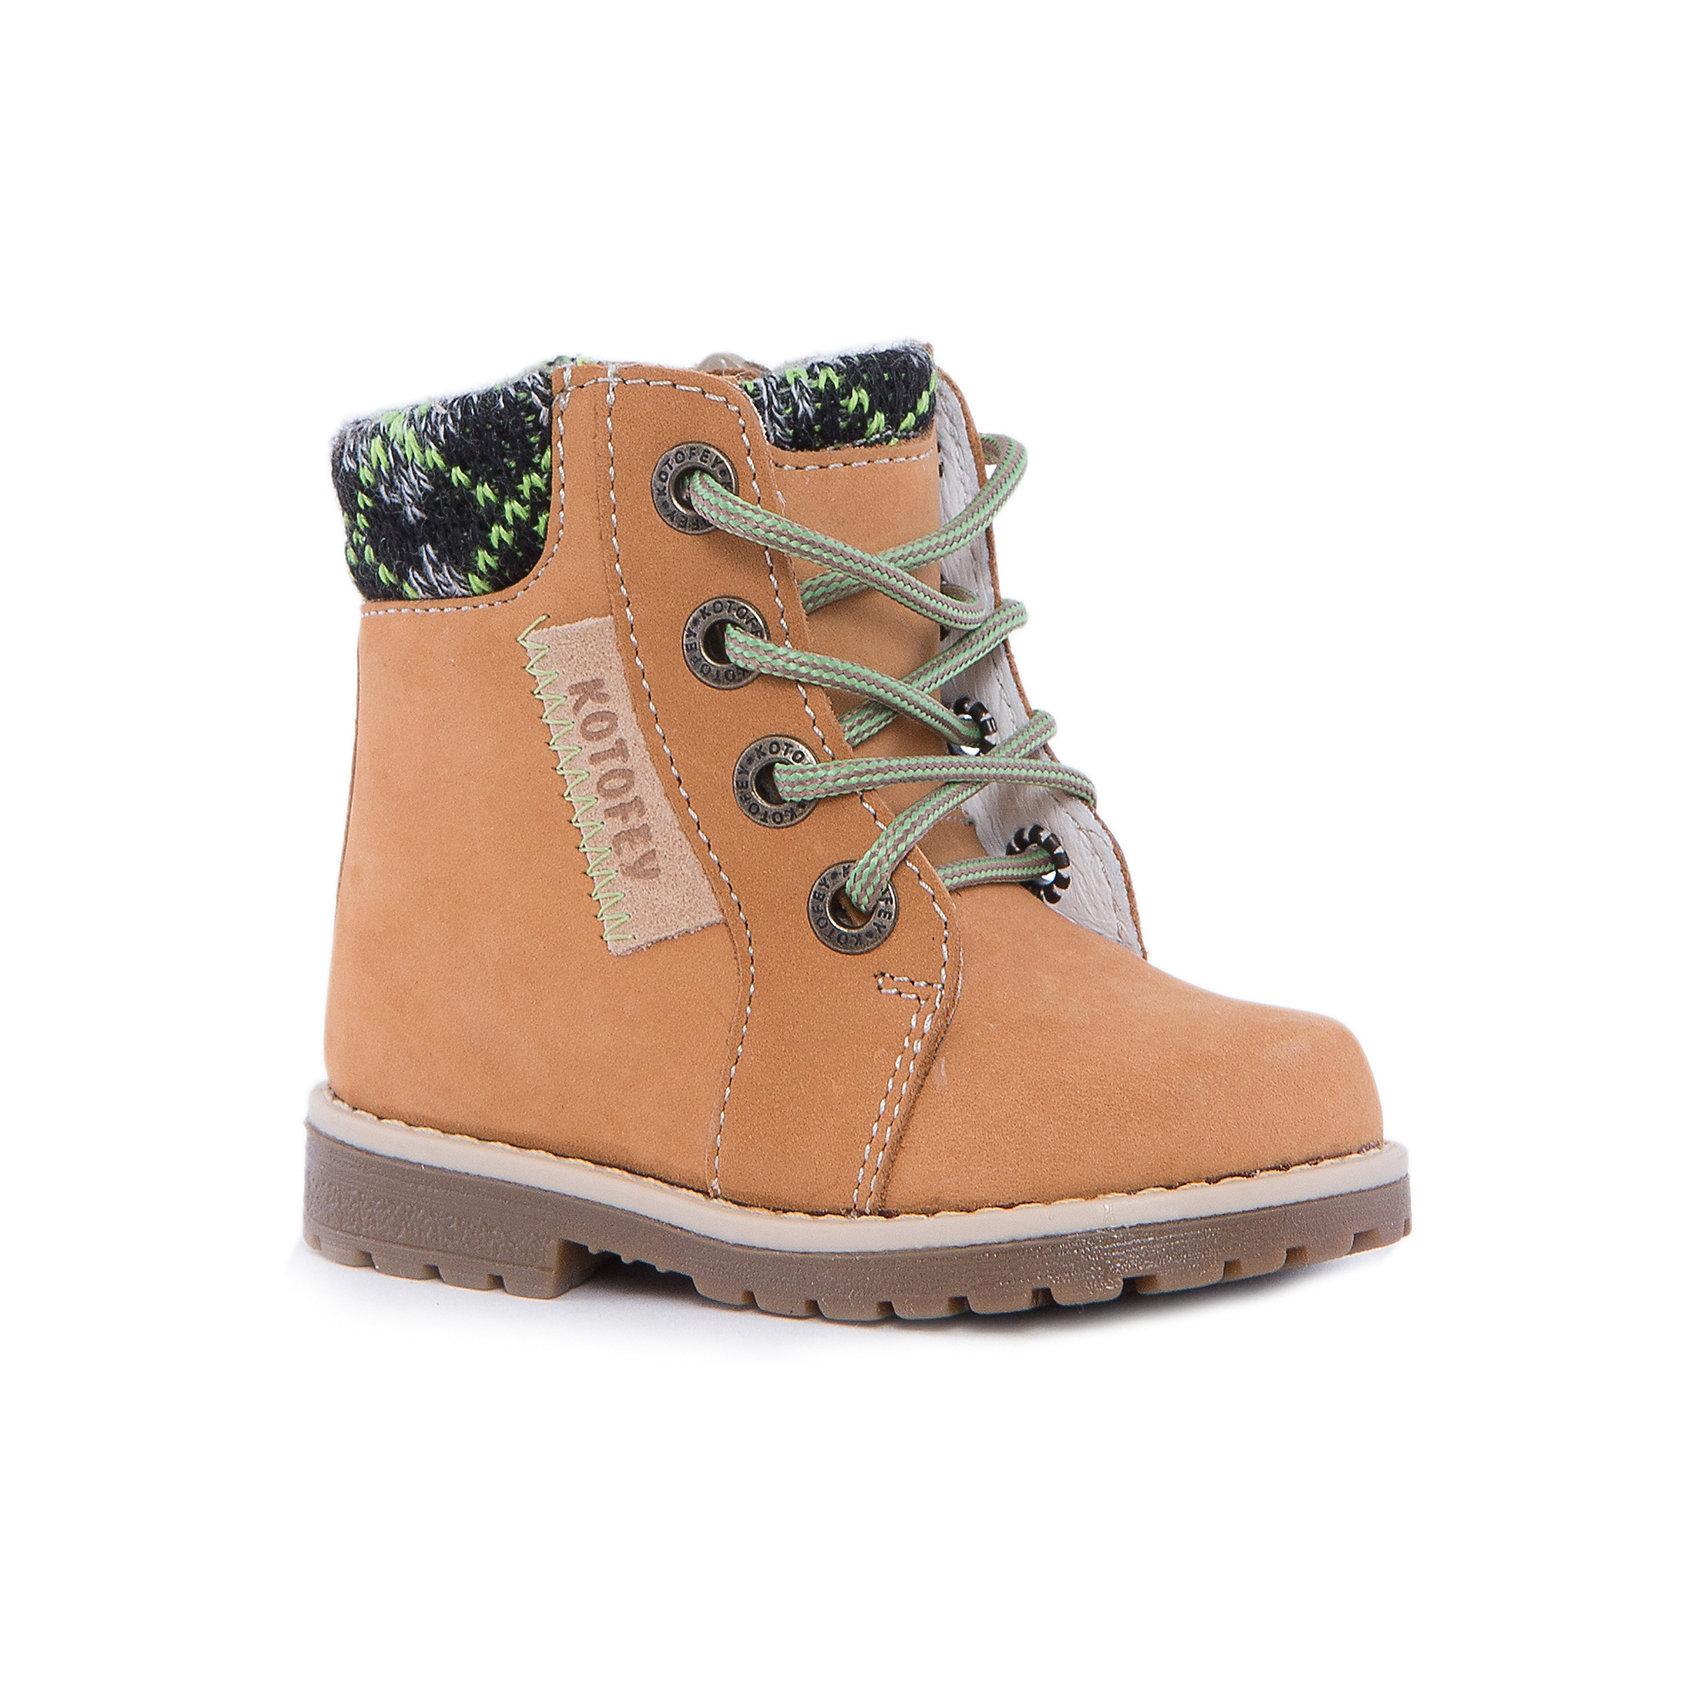 Ботинки для мальчика КотофейБотинки<br>Котофей – качественная и стильная детская обувь по доступным ценам. С каждым днем популярность бренда растет.  С наступлением осенних холодов очень важно выбрать удобную и теплую обувь, которая защитит ножки малыша от промокания, а здоровье от простуды. Стильные желтые ботинки – копия взрослых моделей, созданная специально для малышей, которые хотят выглядеть, как их папы. Модель отвечает всем модным требованиям.<br><br>Дополнительная информация:<br><br>цвет: жёлтый;<br>вид крепления: на клею;<br>застежка: шнуровка;<br>температурный режим: от 0°С до +15° С.<br><br>Состав:<br>материал верха – кожа;<br>подклад – байковый материал;<br>подошва – ТЭП.<br><br>Осенние ботиночки из натурального материала для мальчика  ясельного возраста от фирмы Котофей можно приобрести у нас в магазине.<br><br>Ширина мм: 262<br>Глубина мм: 176<br>Высота мм: 97<br>Вес г: 427<br>Цвет: желтый<br>Возраст от месяцев: 12<br>Возраст до месяцев: 15<br>Пол: Мужской<br>Возраст: Детский<br>Размер: 21,22,20<br>SKU: 4982279